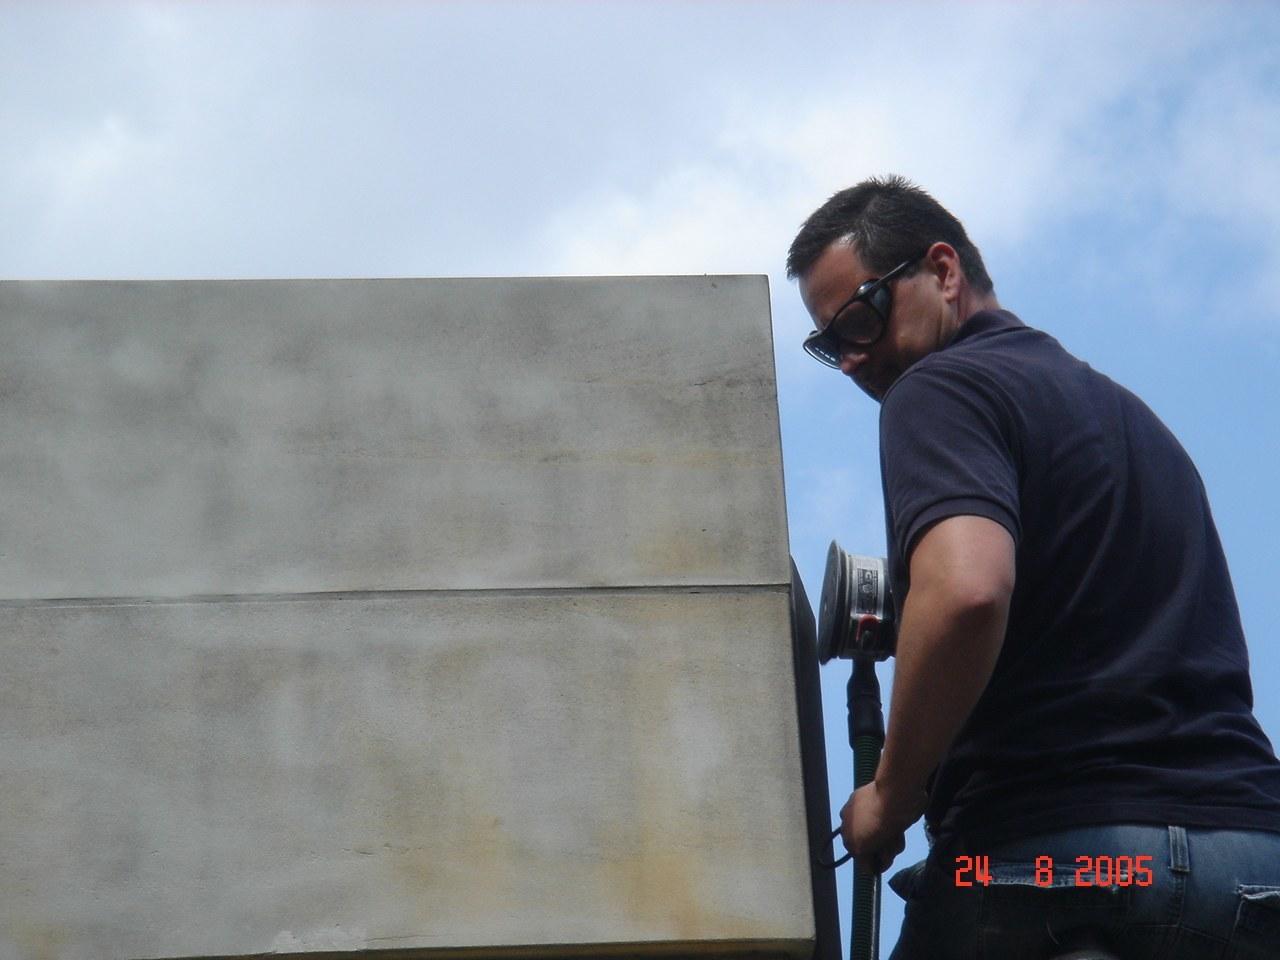 Steinsanierung in Berlin